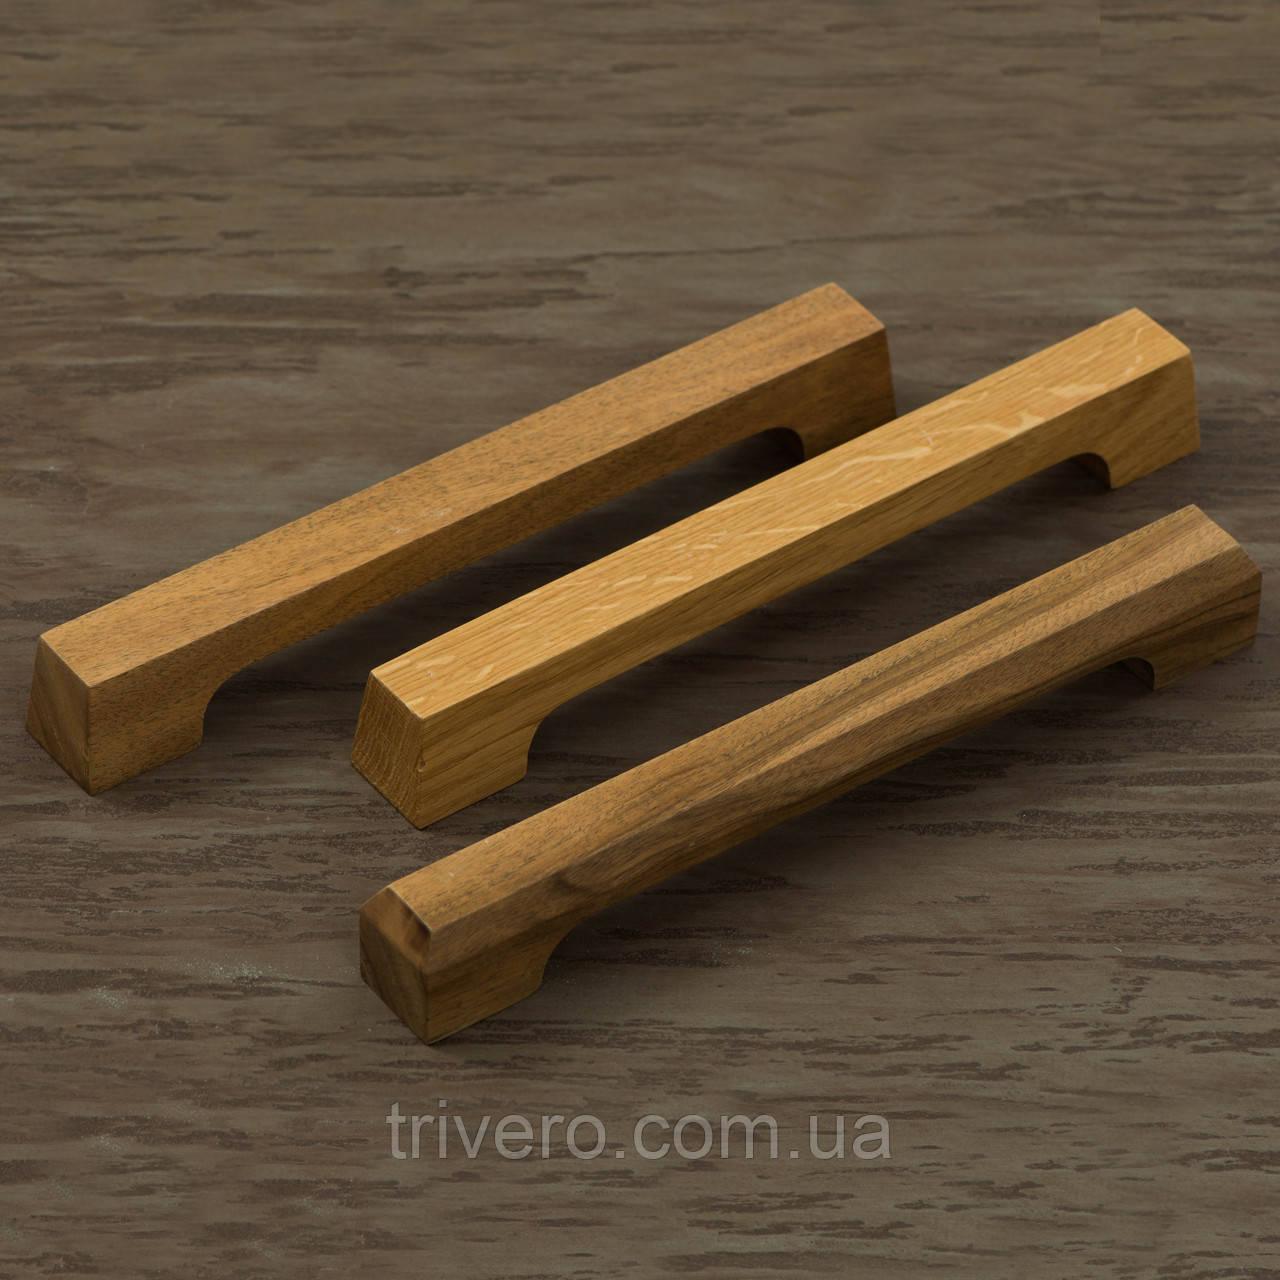 Ручка для мебели из дерева дуб орех клен ясень